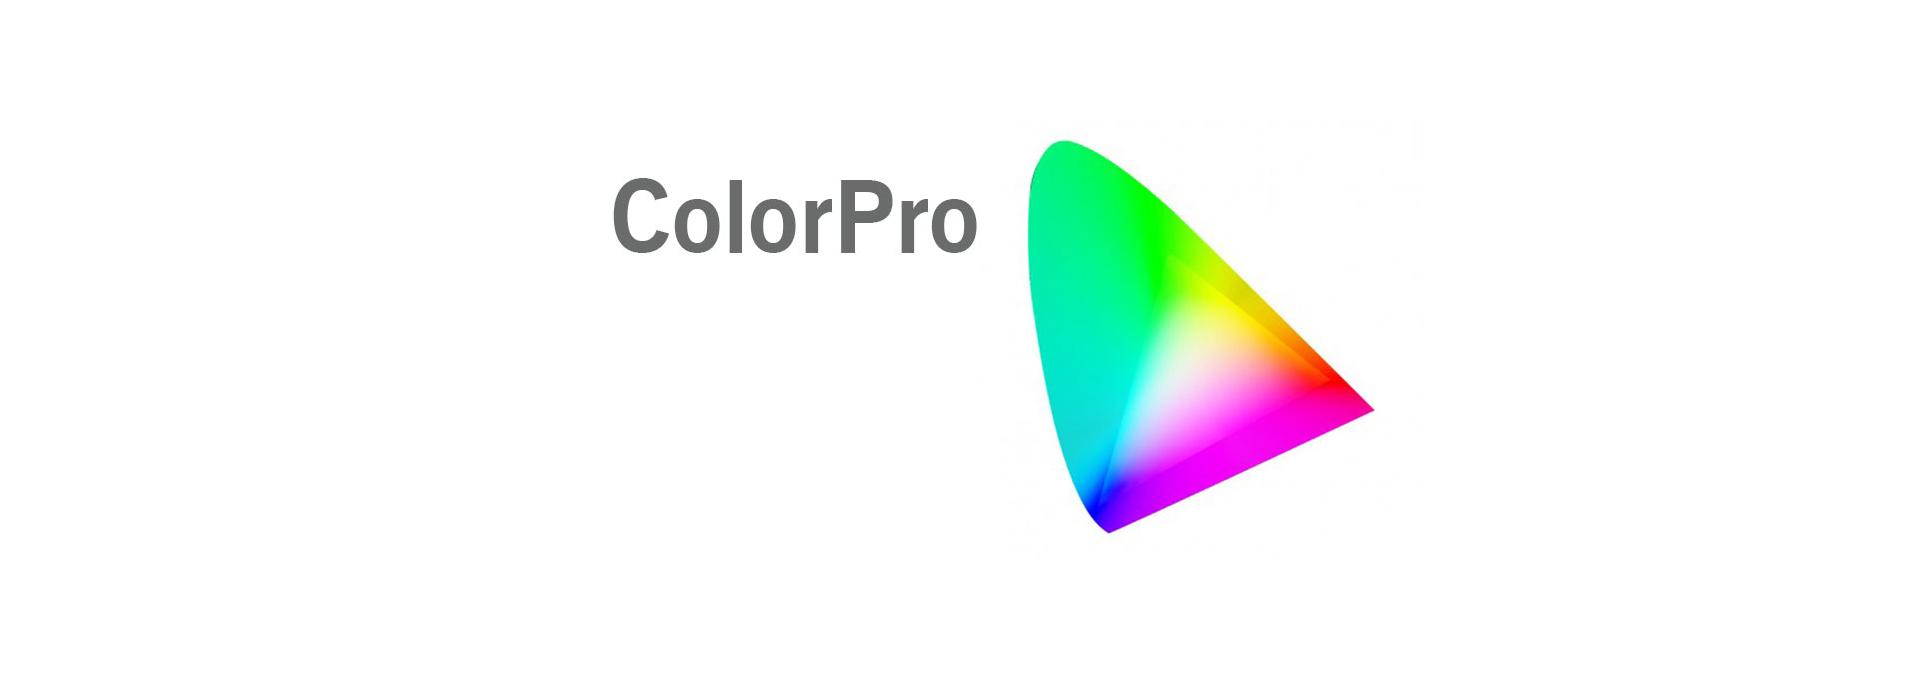 ColorPro